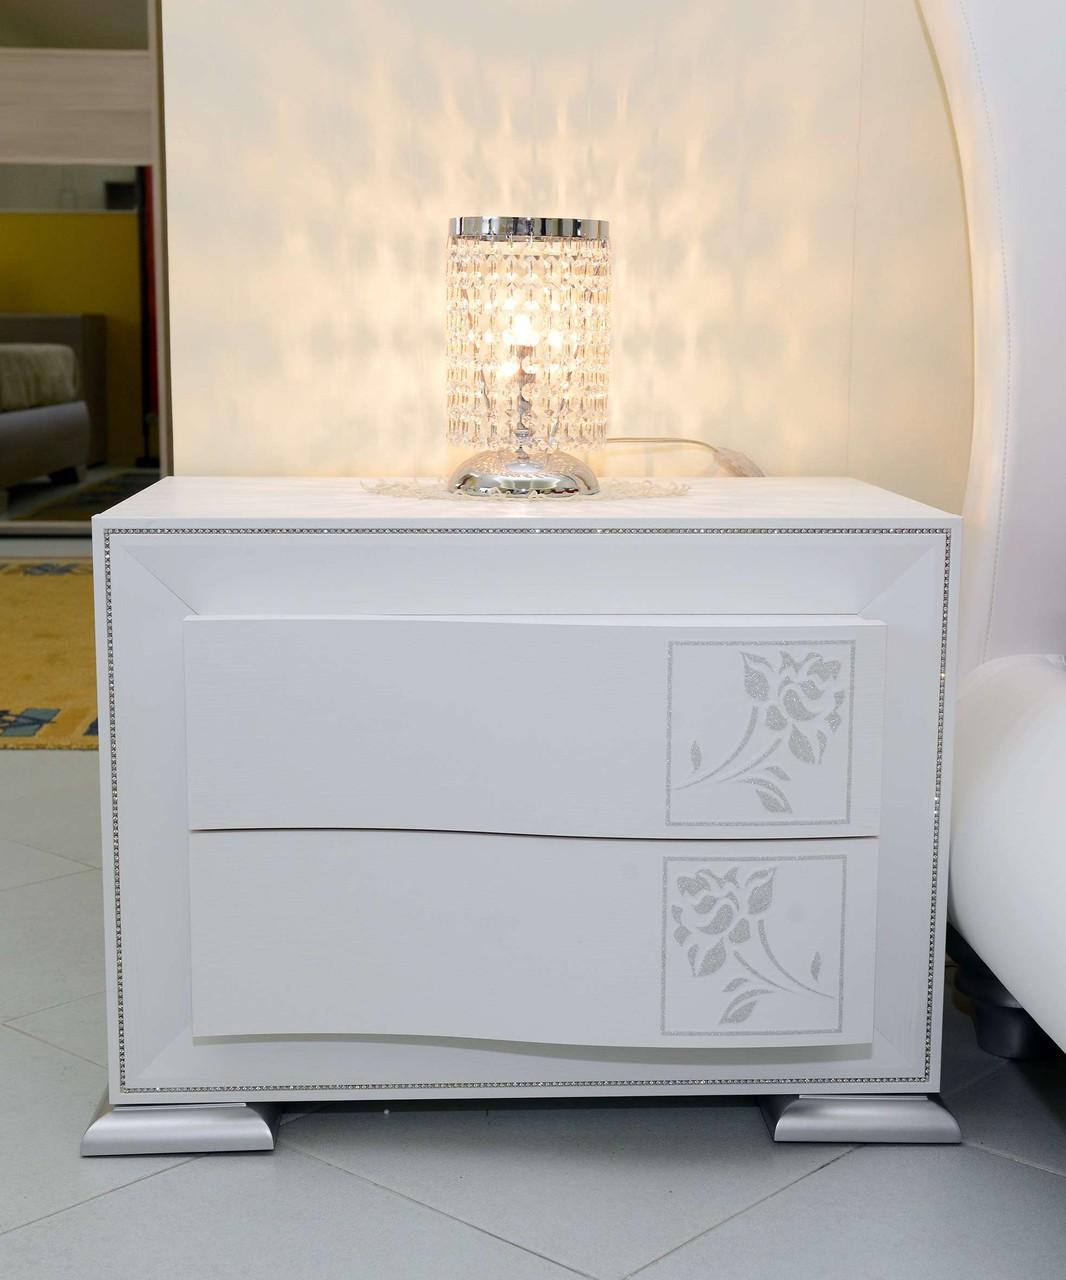 Camera da letto Spar collezione Prestige in offerta!